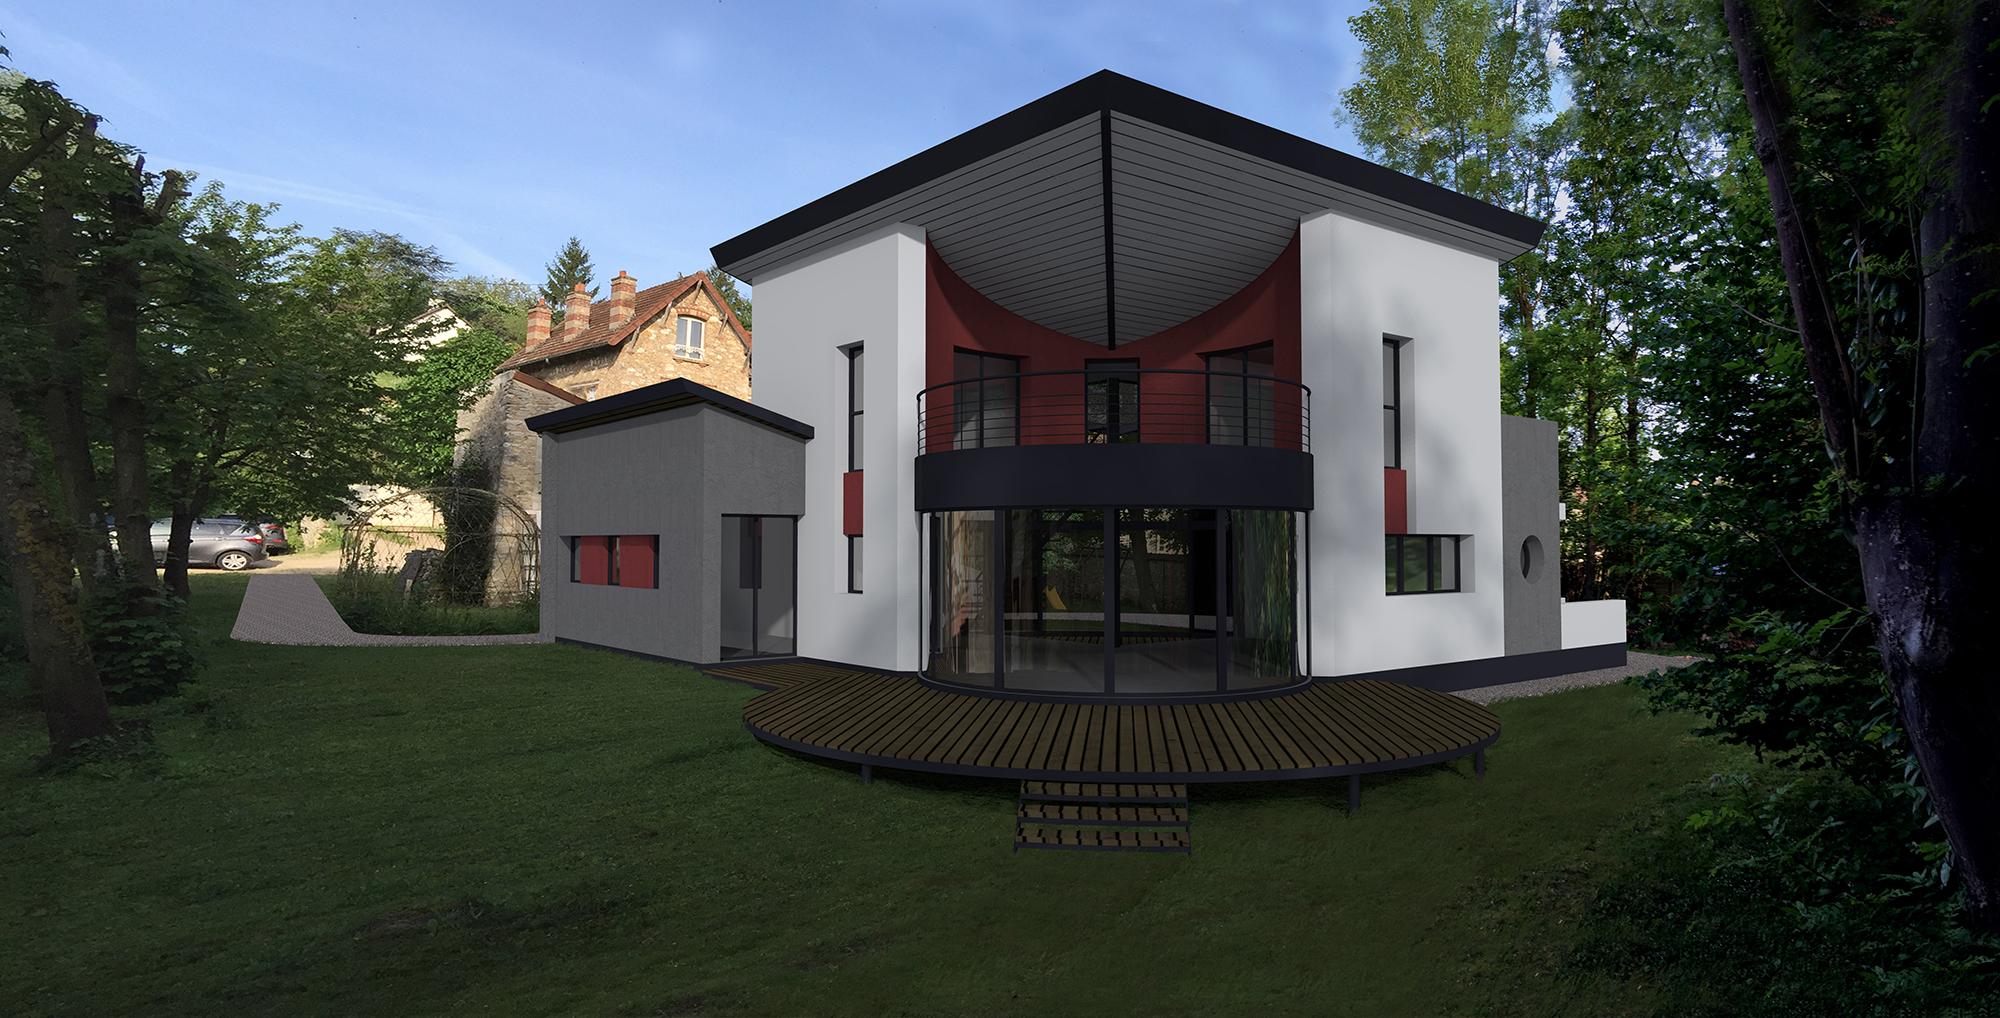 Projet r gion parisienne for Architecte region parisienne